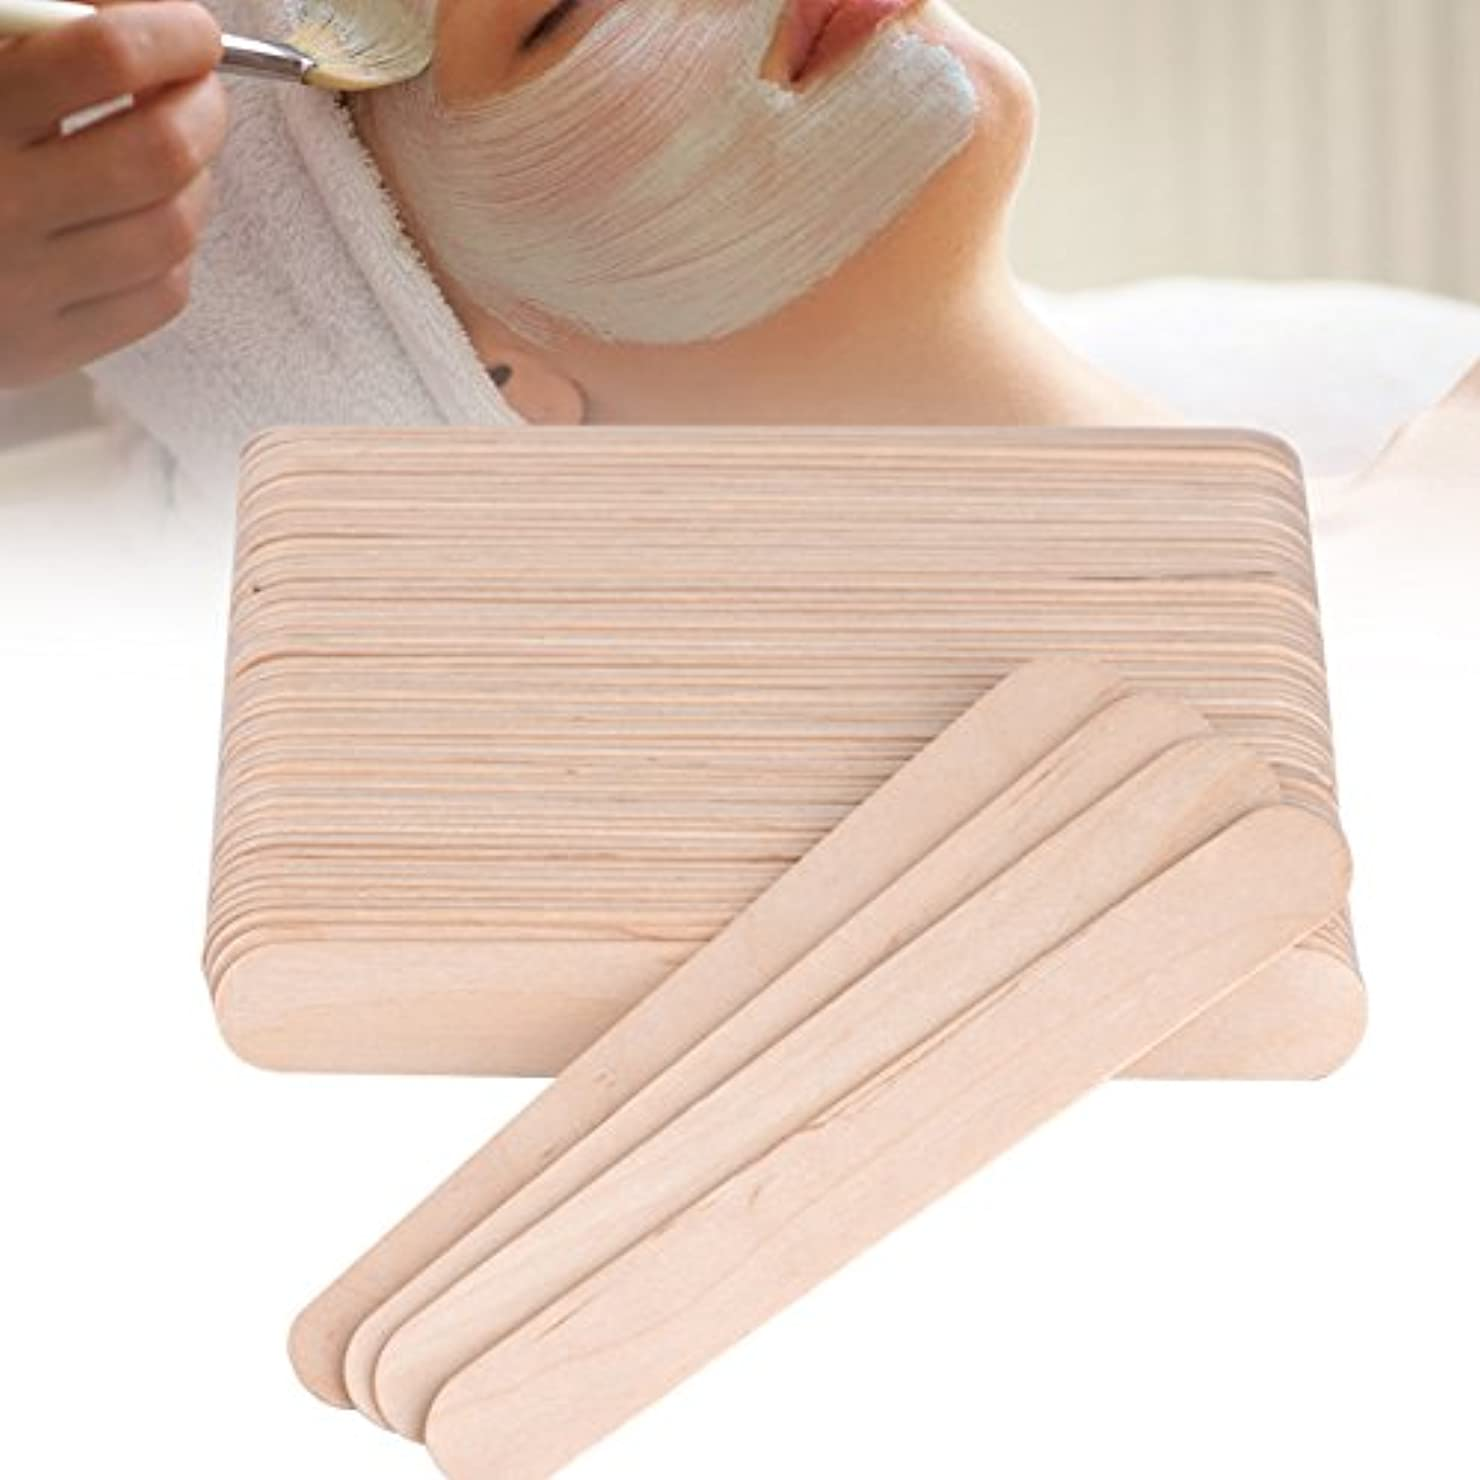 安心いたずらな用心深い舌圧子ワックススティックスパチュラアプリケーター木製スパチュラ使い捨て業務用木製 100PCS /バッグ